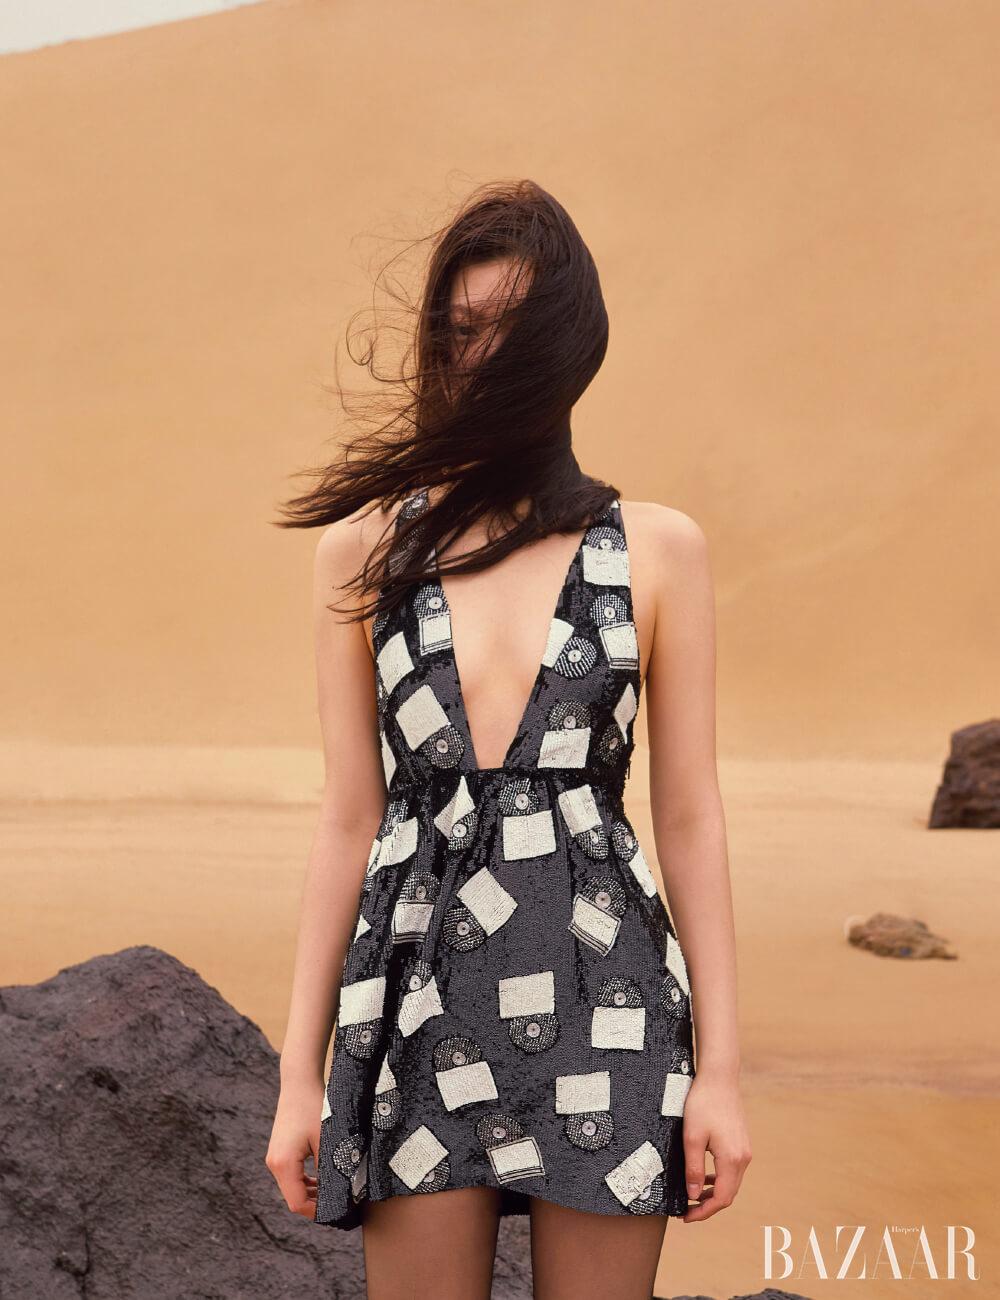 드레스, 타이츠는 모두 Saint Laurent by Anthony Vaccarello.